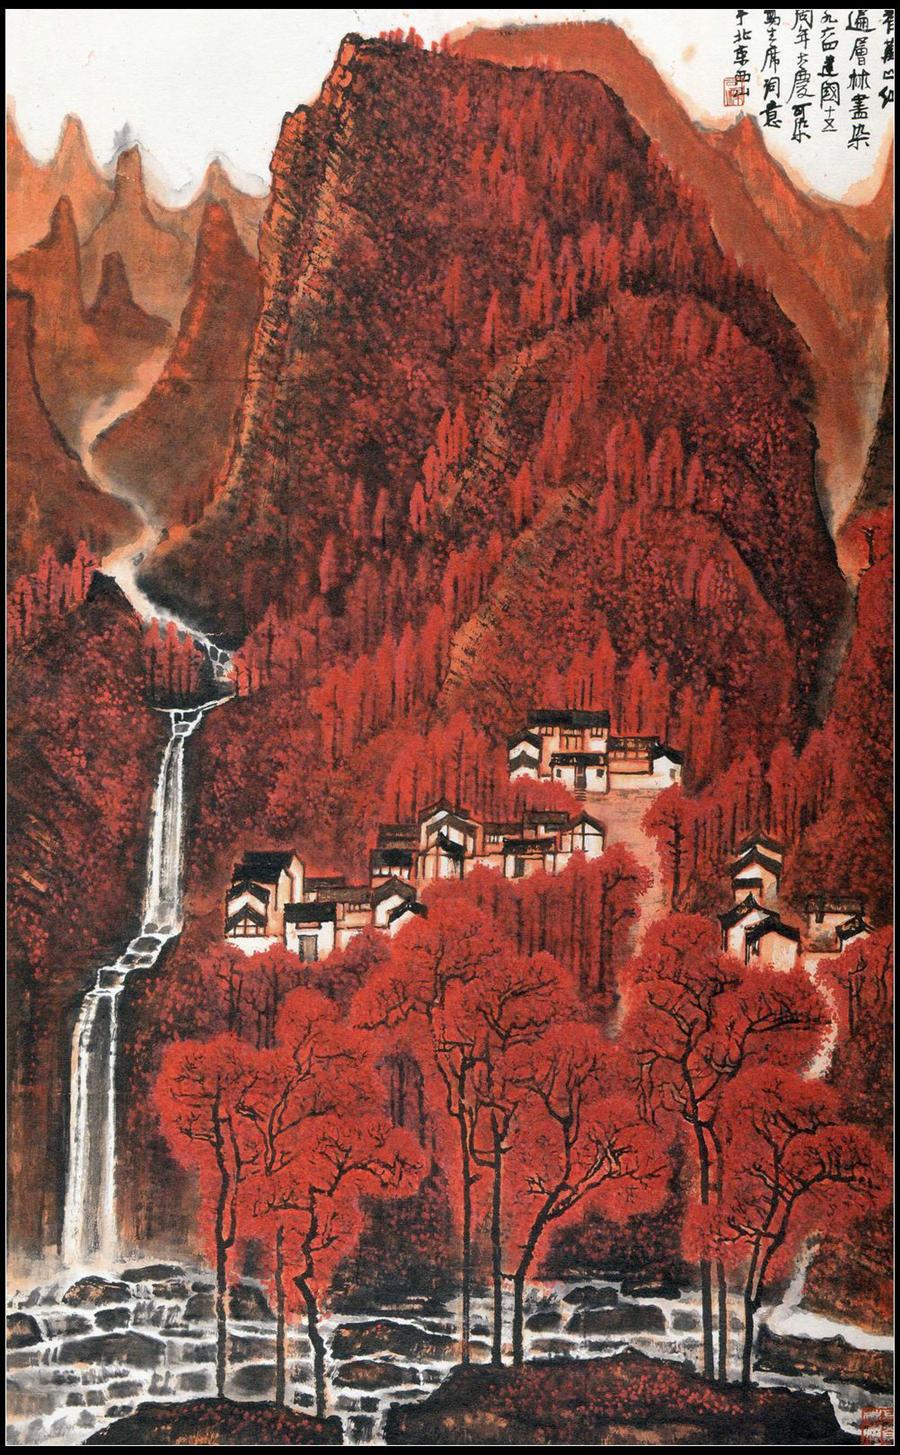 20世纪中国 红色山水画 的霸主 李可染 高清 5